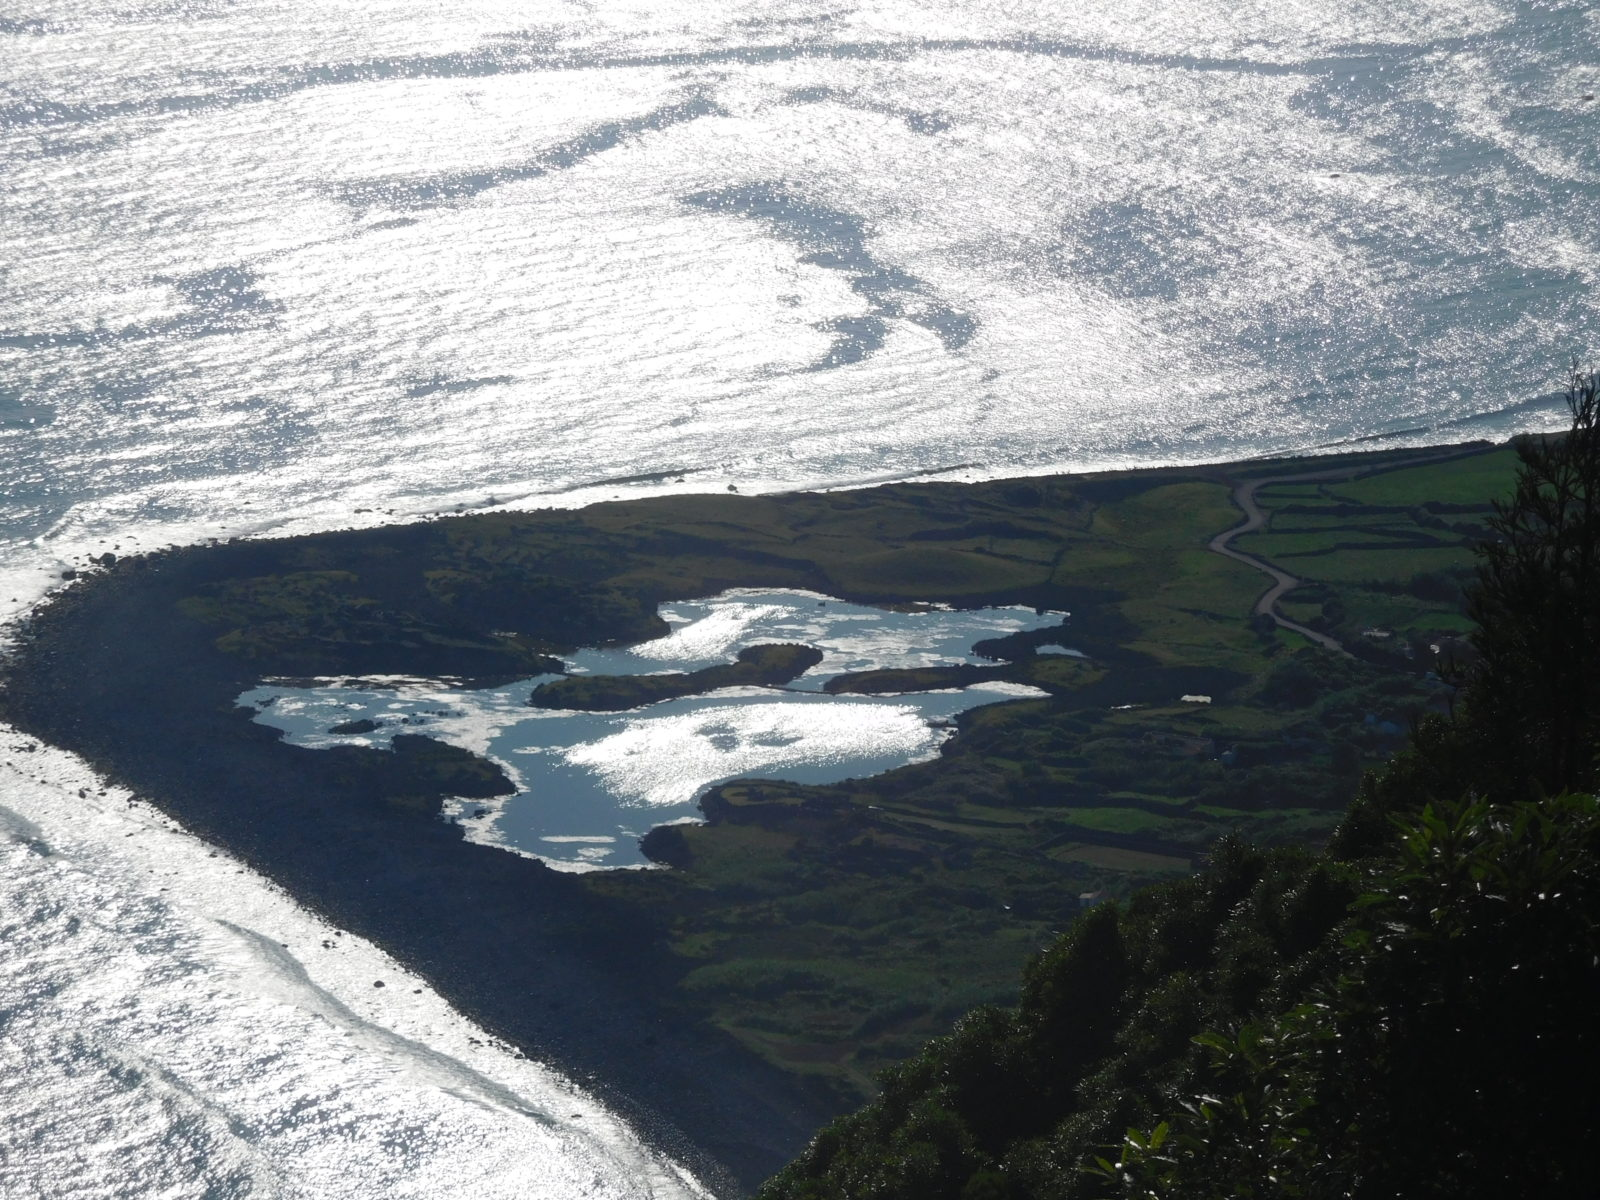 Fajã dos cubres! Ilha de S.jorge,Açores.